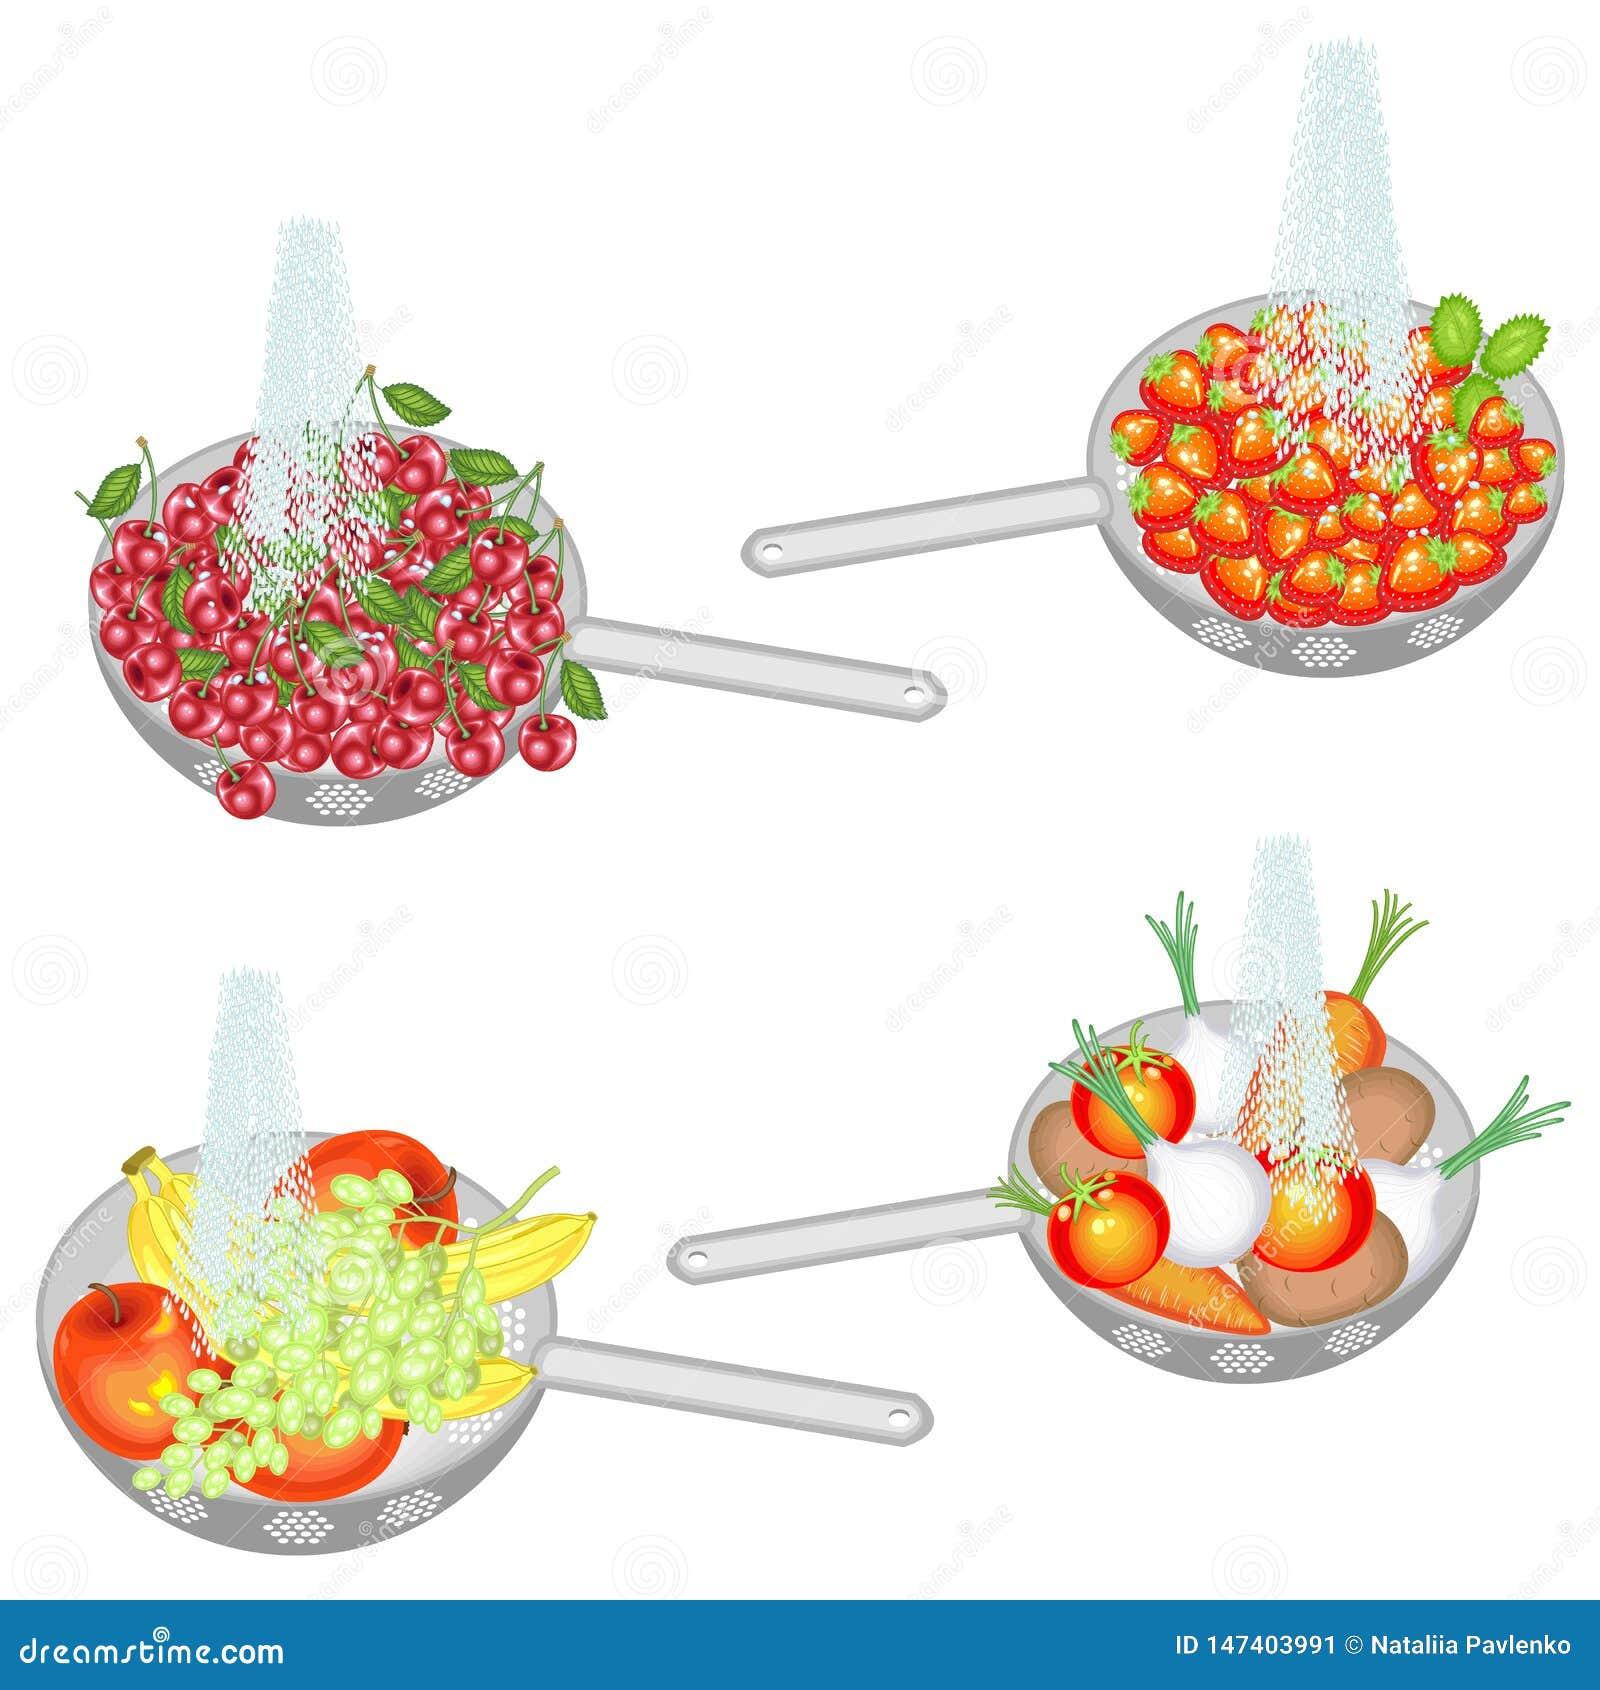 Le fruit juteux est lavé sous l eau courante Collection de cerises de lavage de passoire, fraises, fruits, légumes Fruit frais